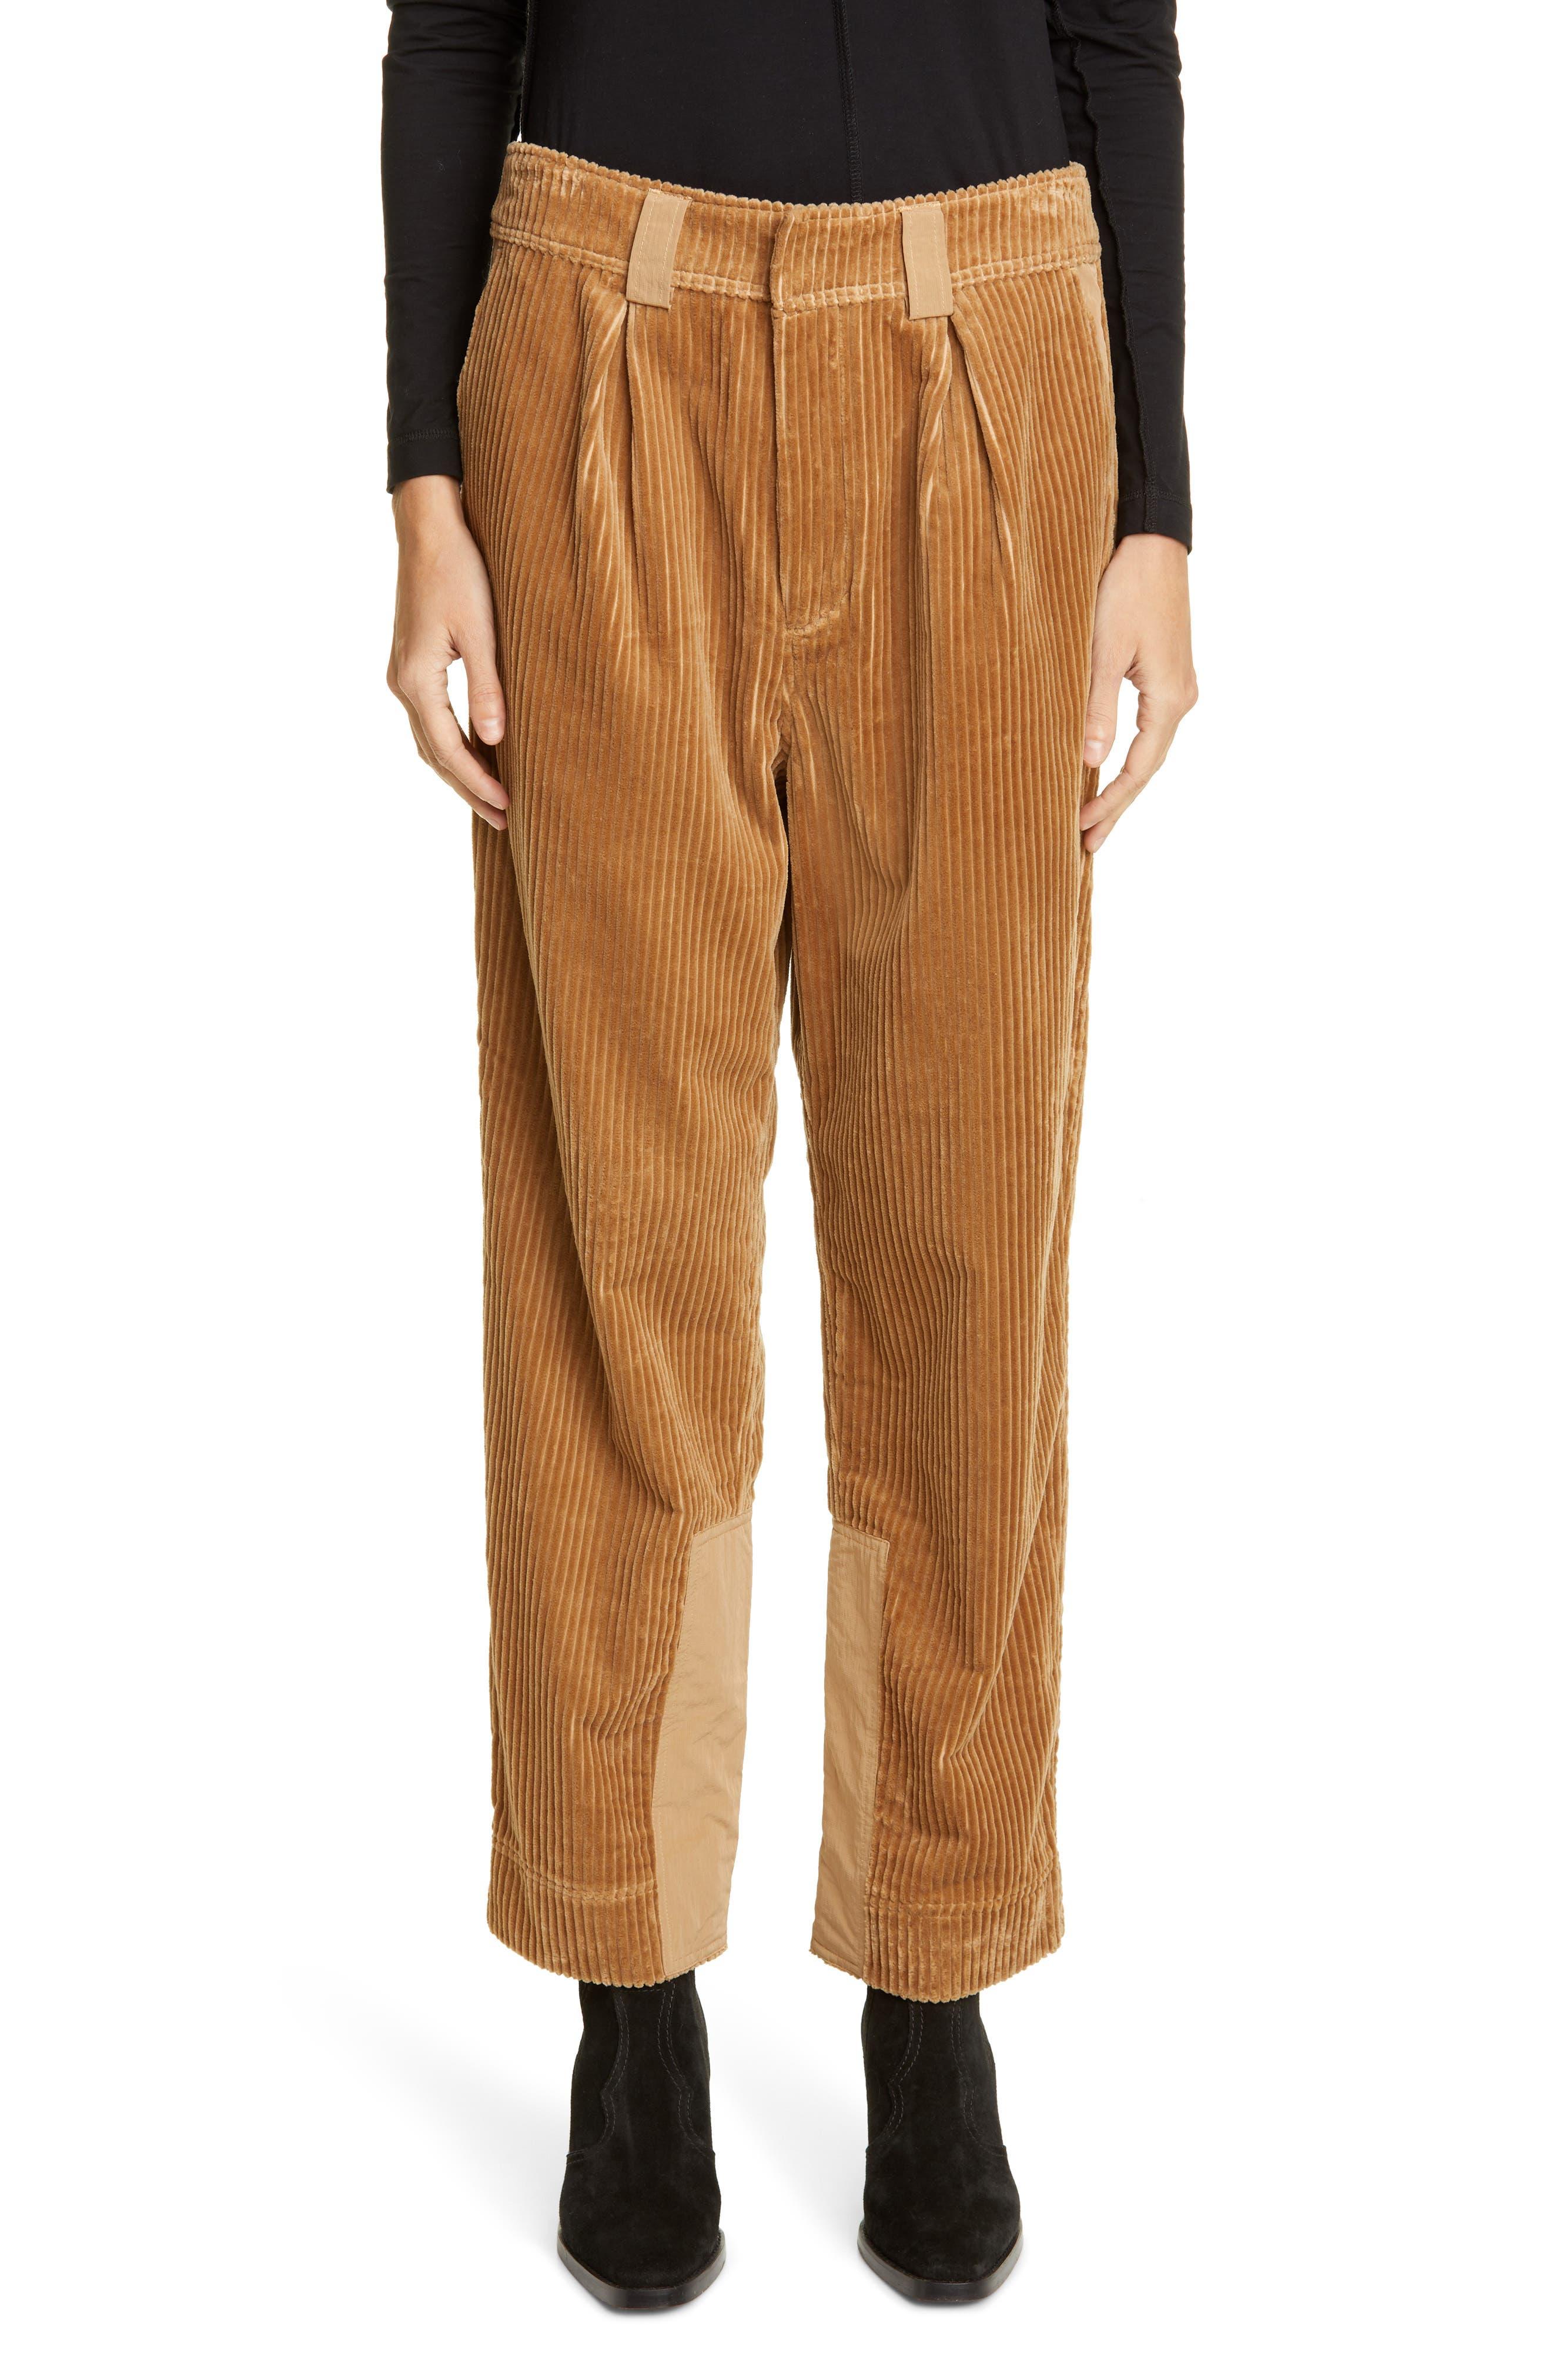 Ganni Pants Tiger's-Eye Corduroy Trousers